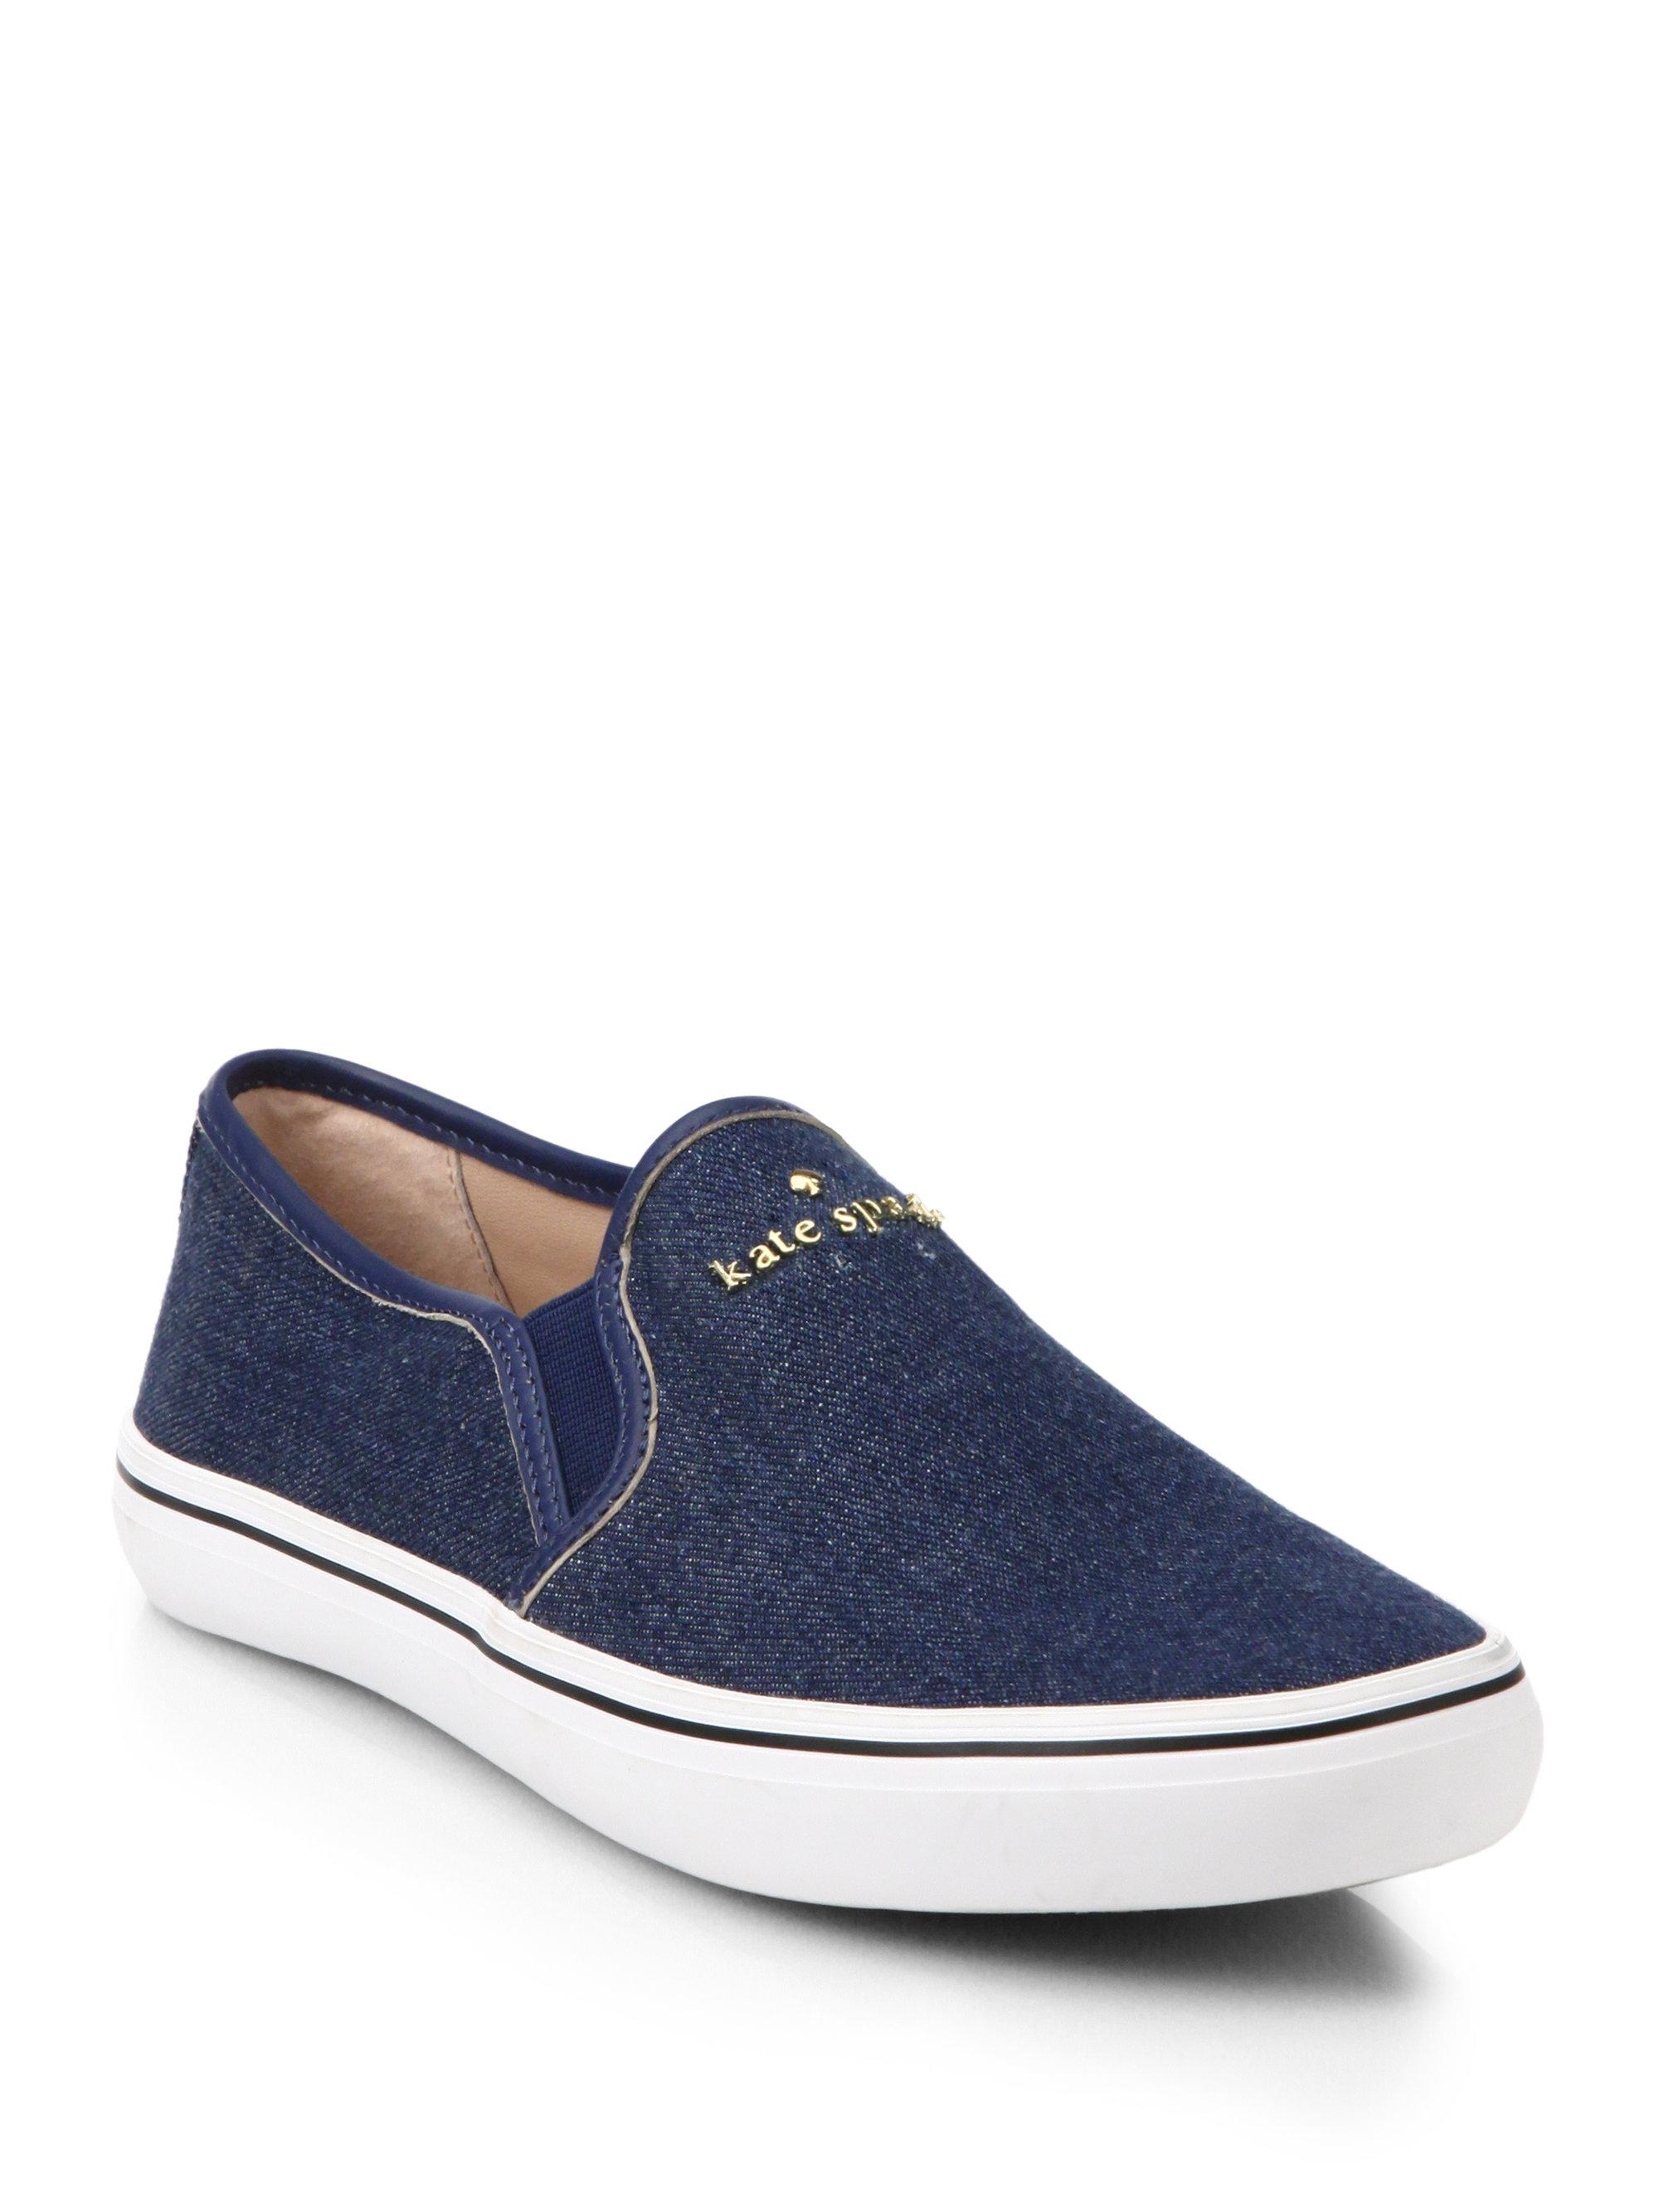 Monaco Shoes New York